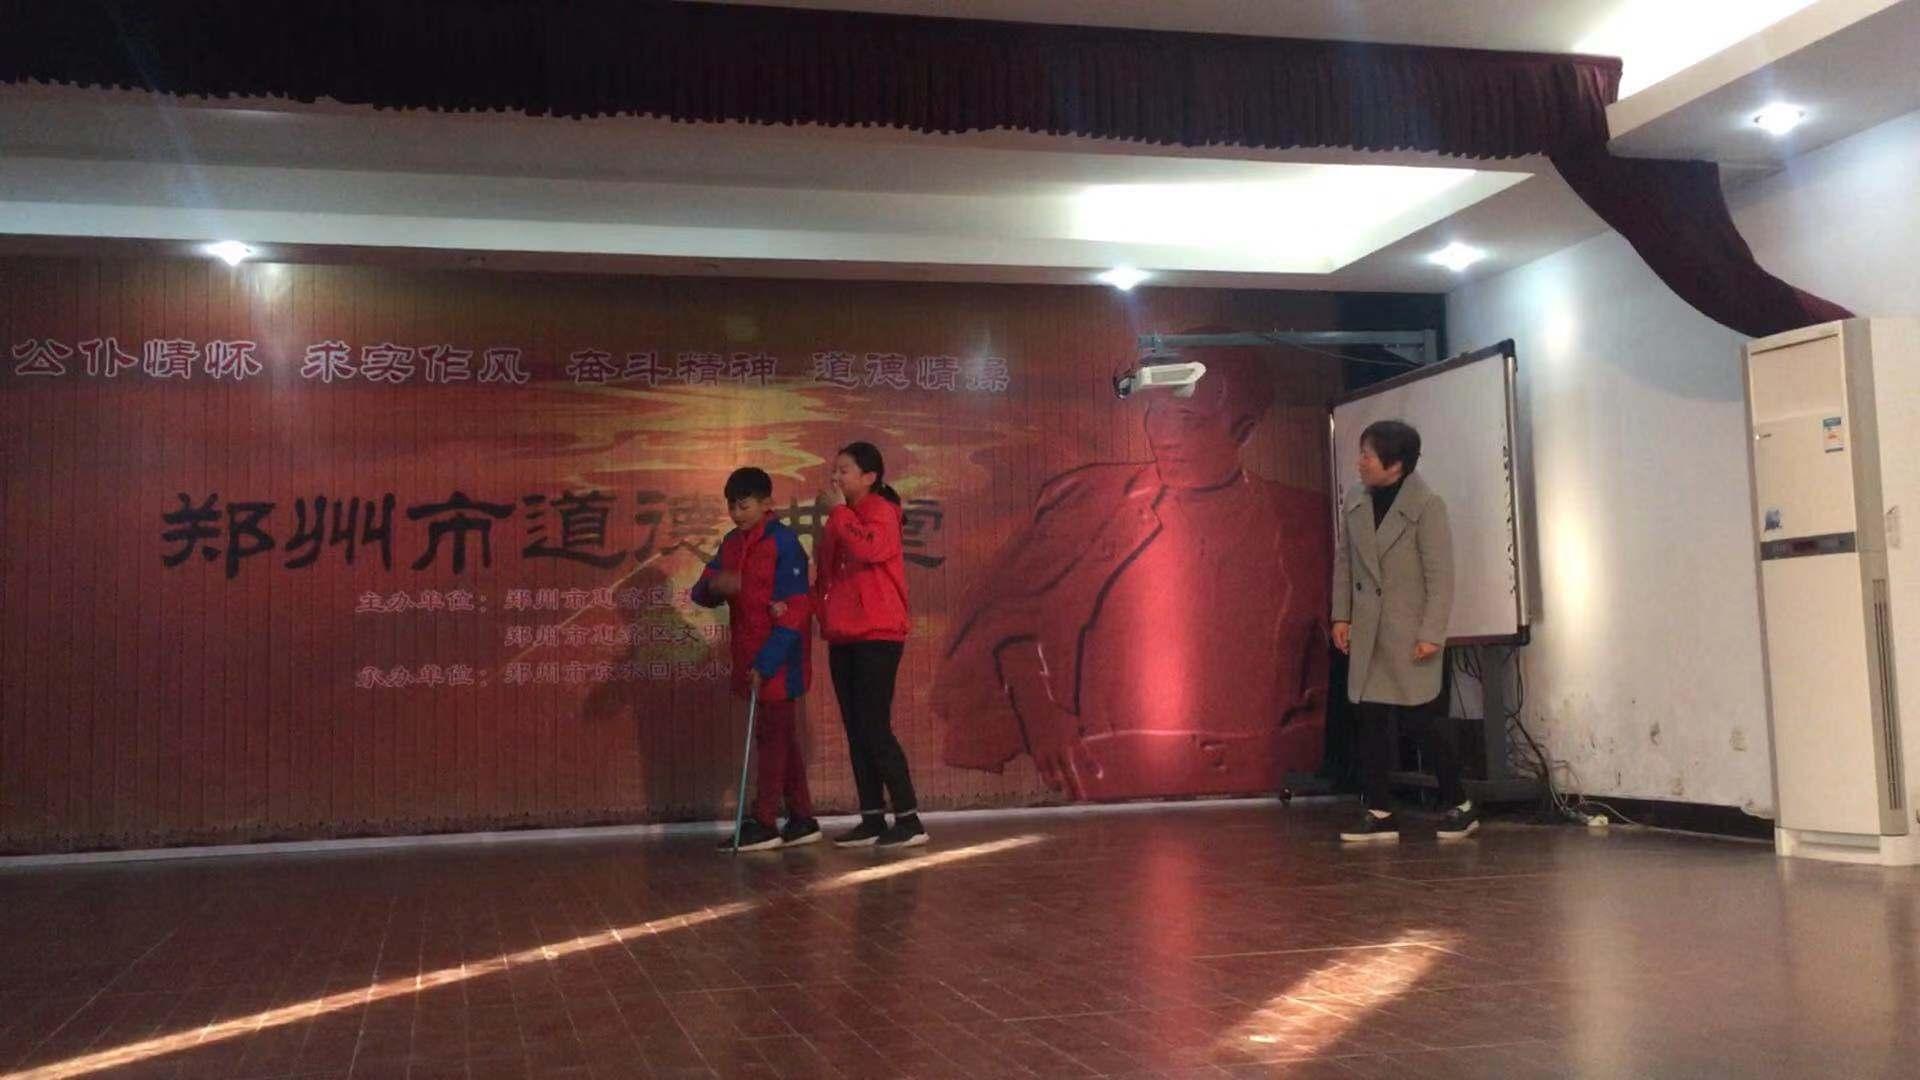 郑州市惠济区花园口少年争做小学好美德小学高家纪实屯图片